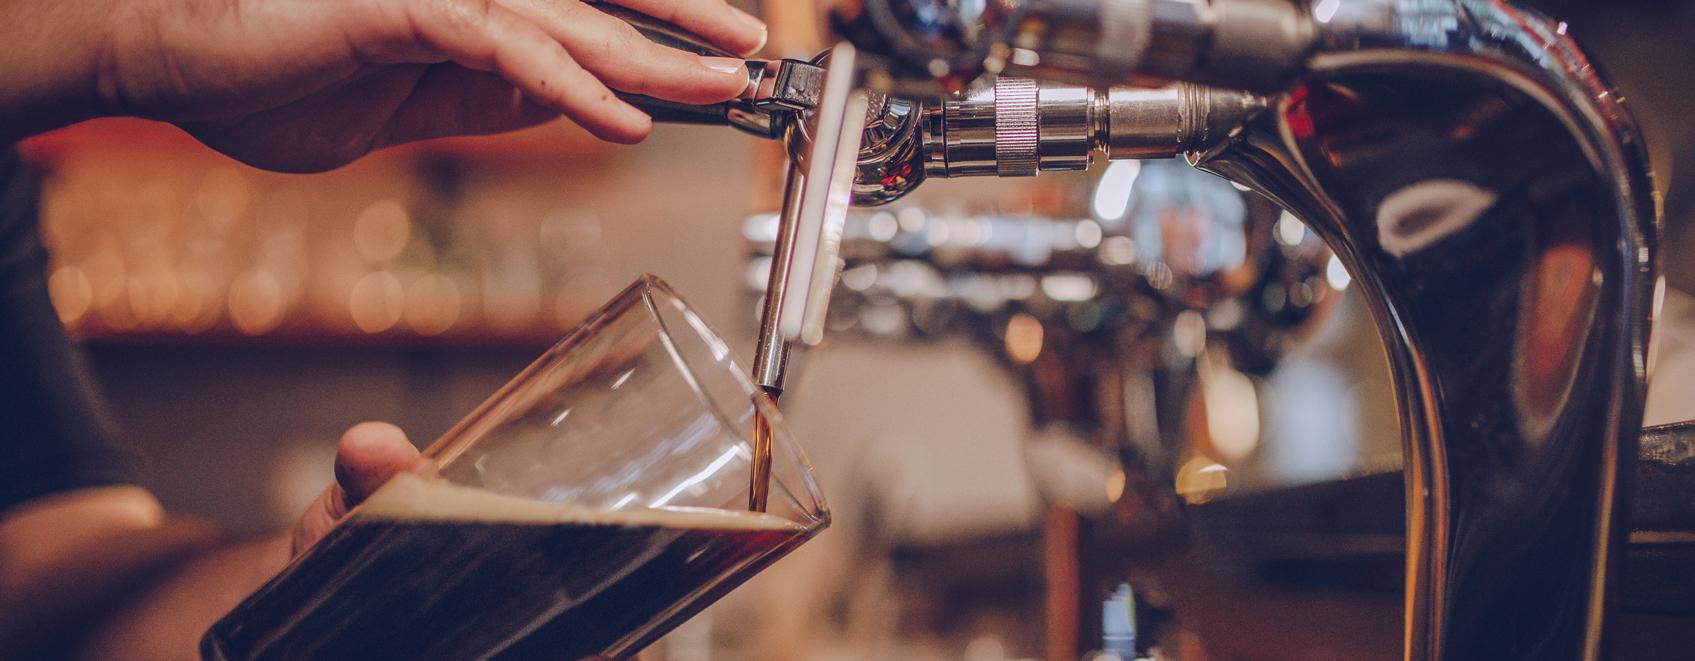 Craft beverage insurance